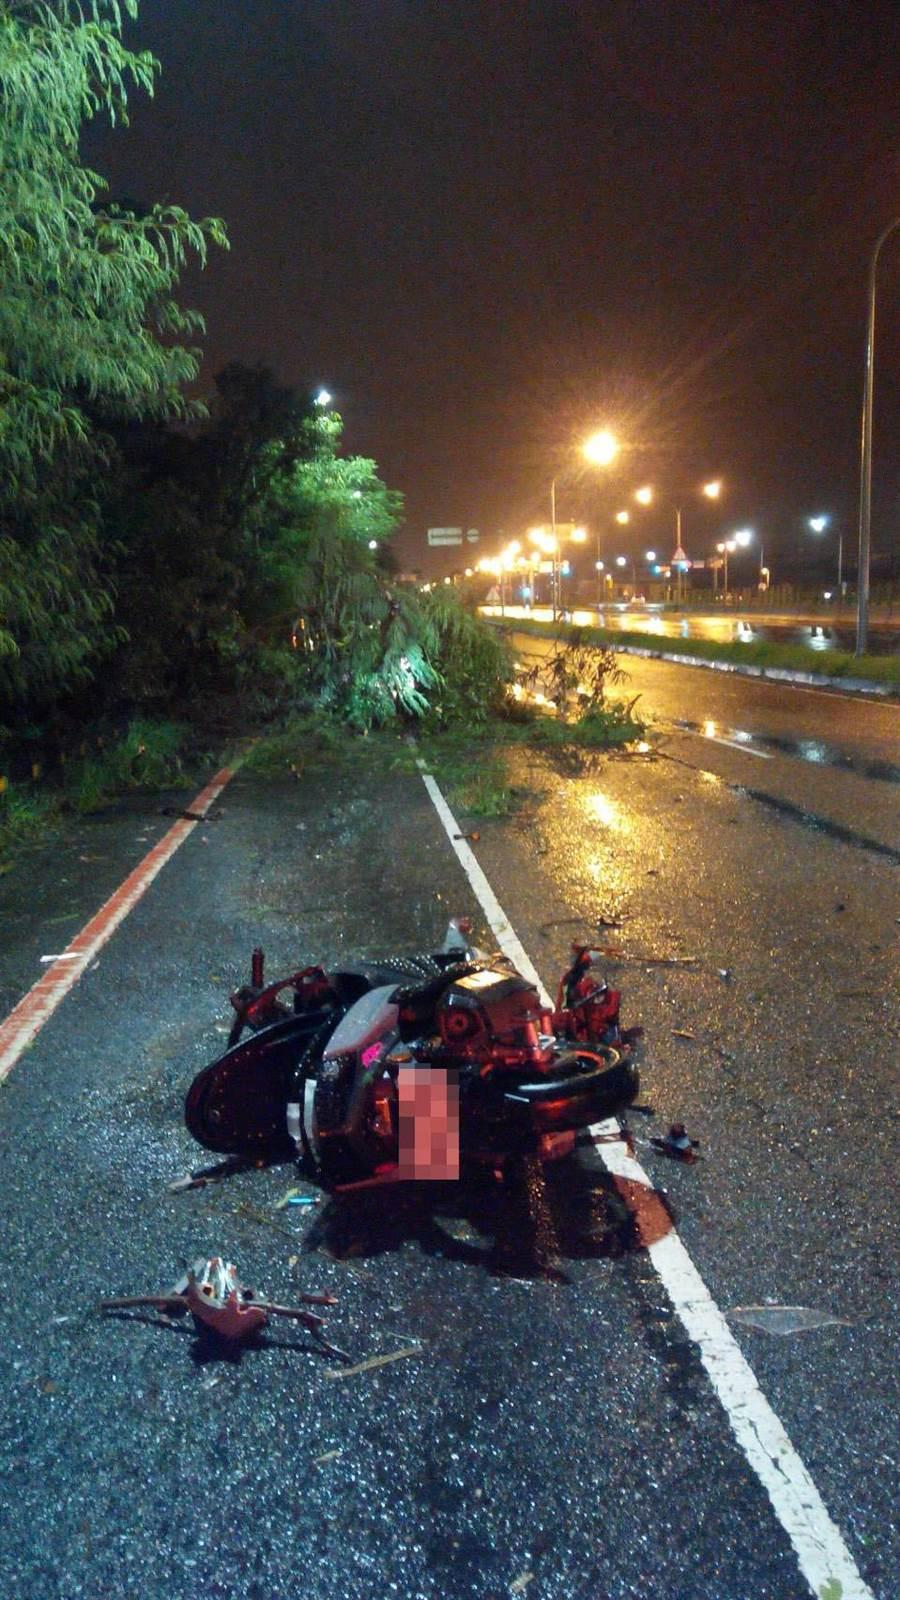 白鹿颱風吹倒台南市安南區一株路樹,卻造成18歲男騎士撞樹摔車,意外死亡。(程炳璋攝)